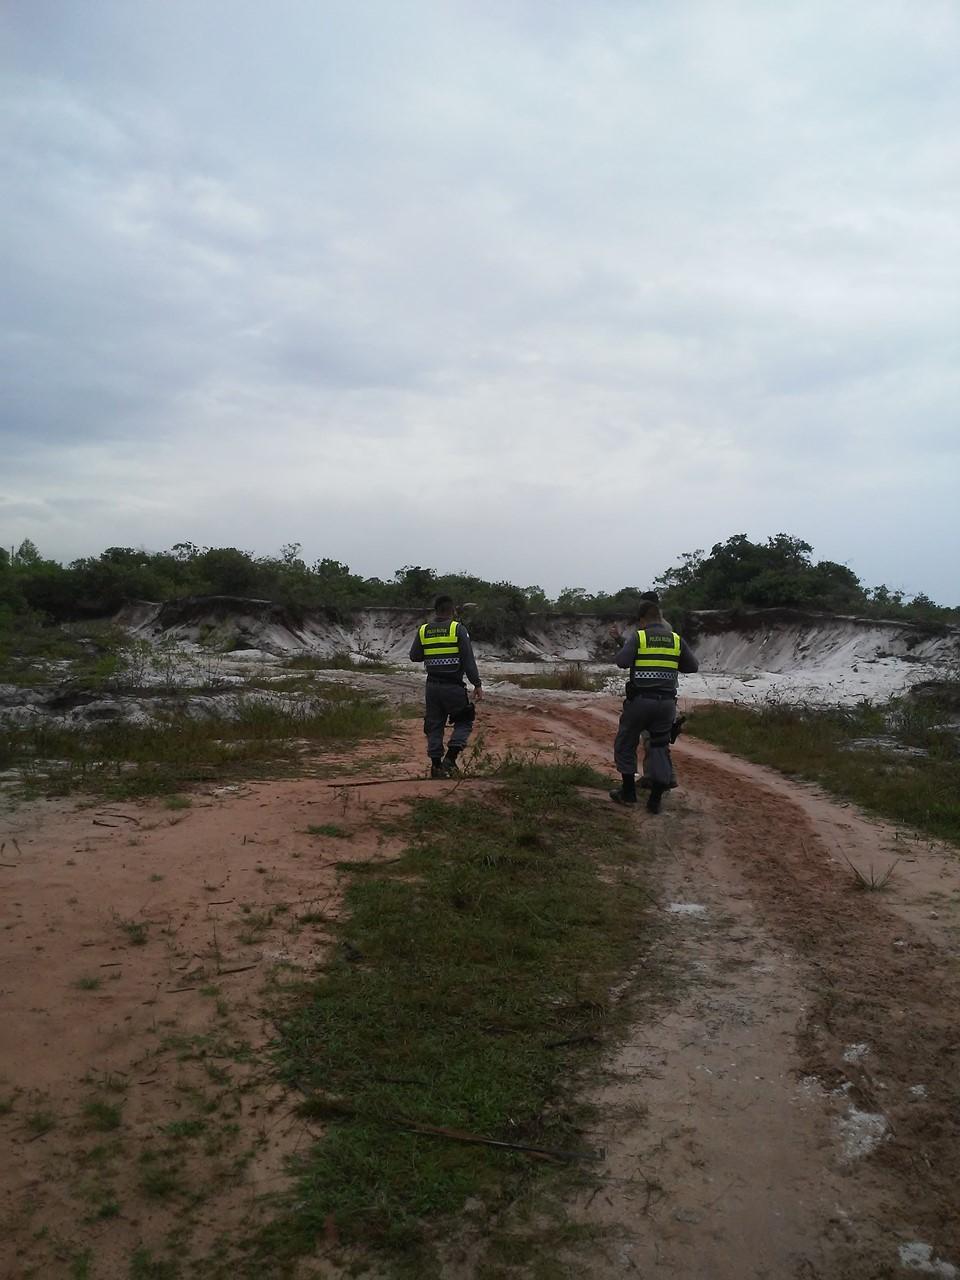 APA de Setiba: extração de areia no local é crime e causa danos ambientais